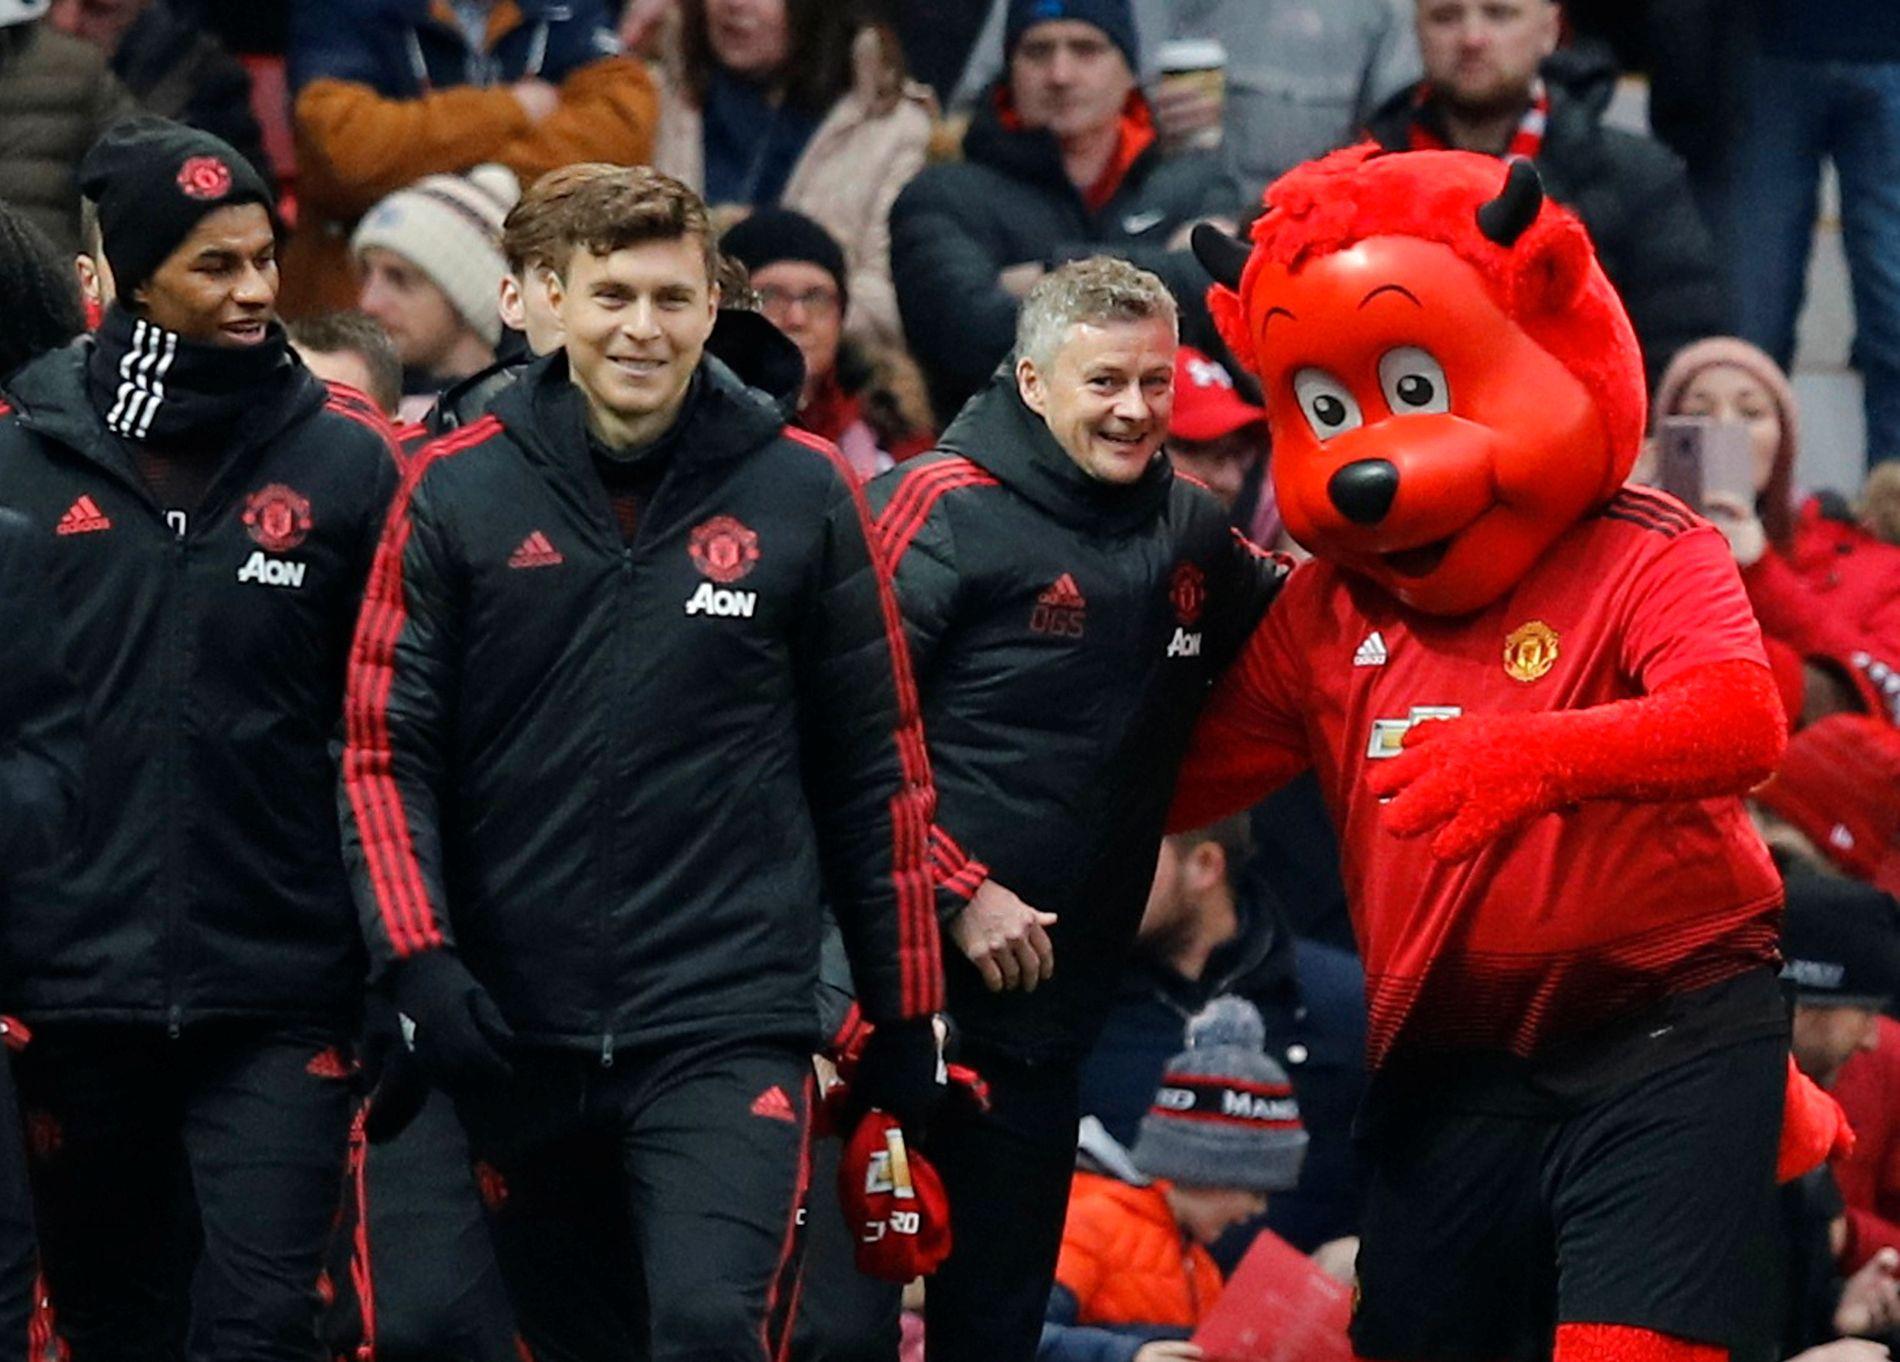 Maskoten Fred the Red virket begeistret over det Ole Gunnar Solskjær har fått til som Manchester United-manager. Nordmannen har vunnet sine fem første kamper som sjef.